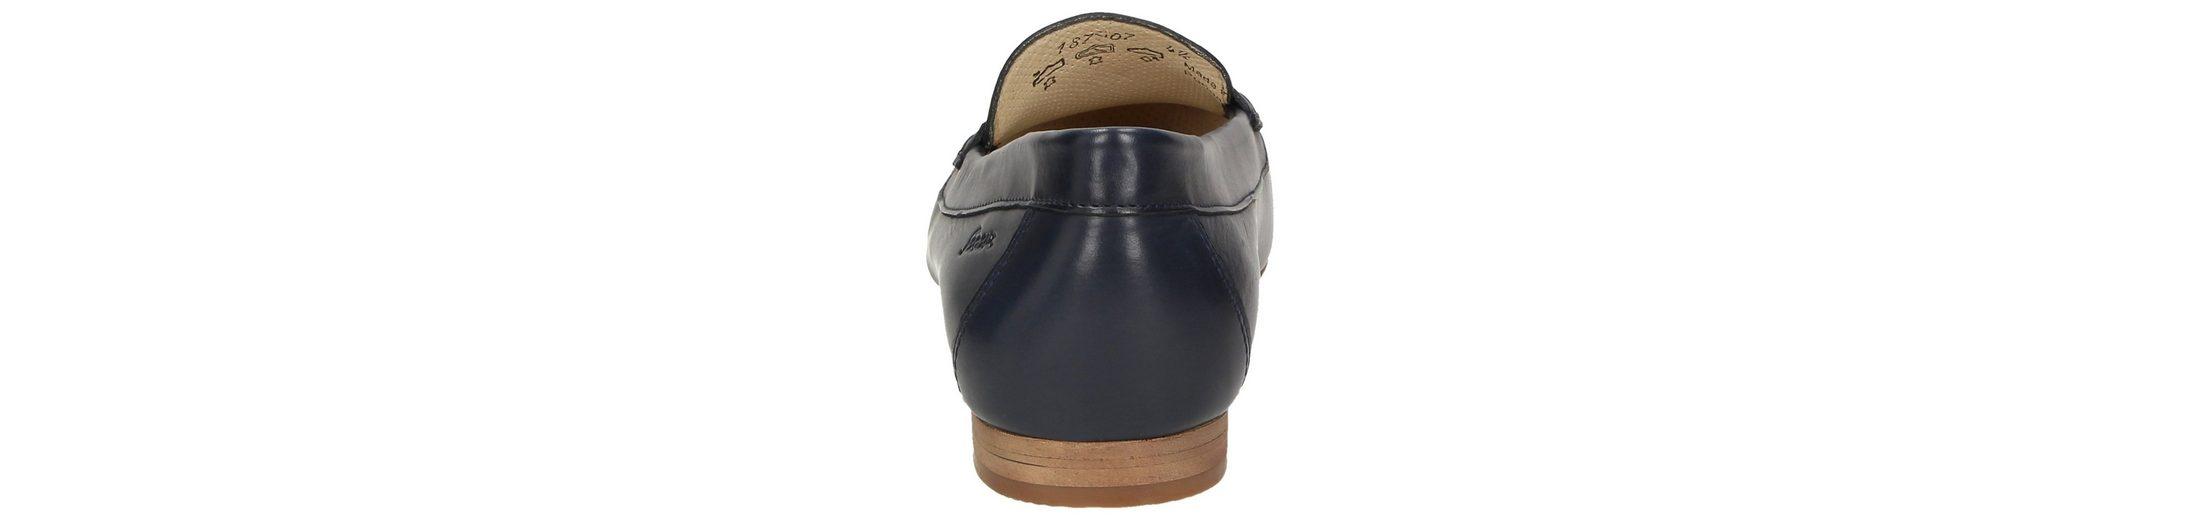 SIOUX Libisia-700 Slipper Auslass Neue Ankunft Billig Verkauf Freies Verschiffen Günstig Kaufen Original Rabatt-Codes Spielraum Store Billige Usa Händler 5NkPpa